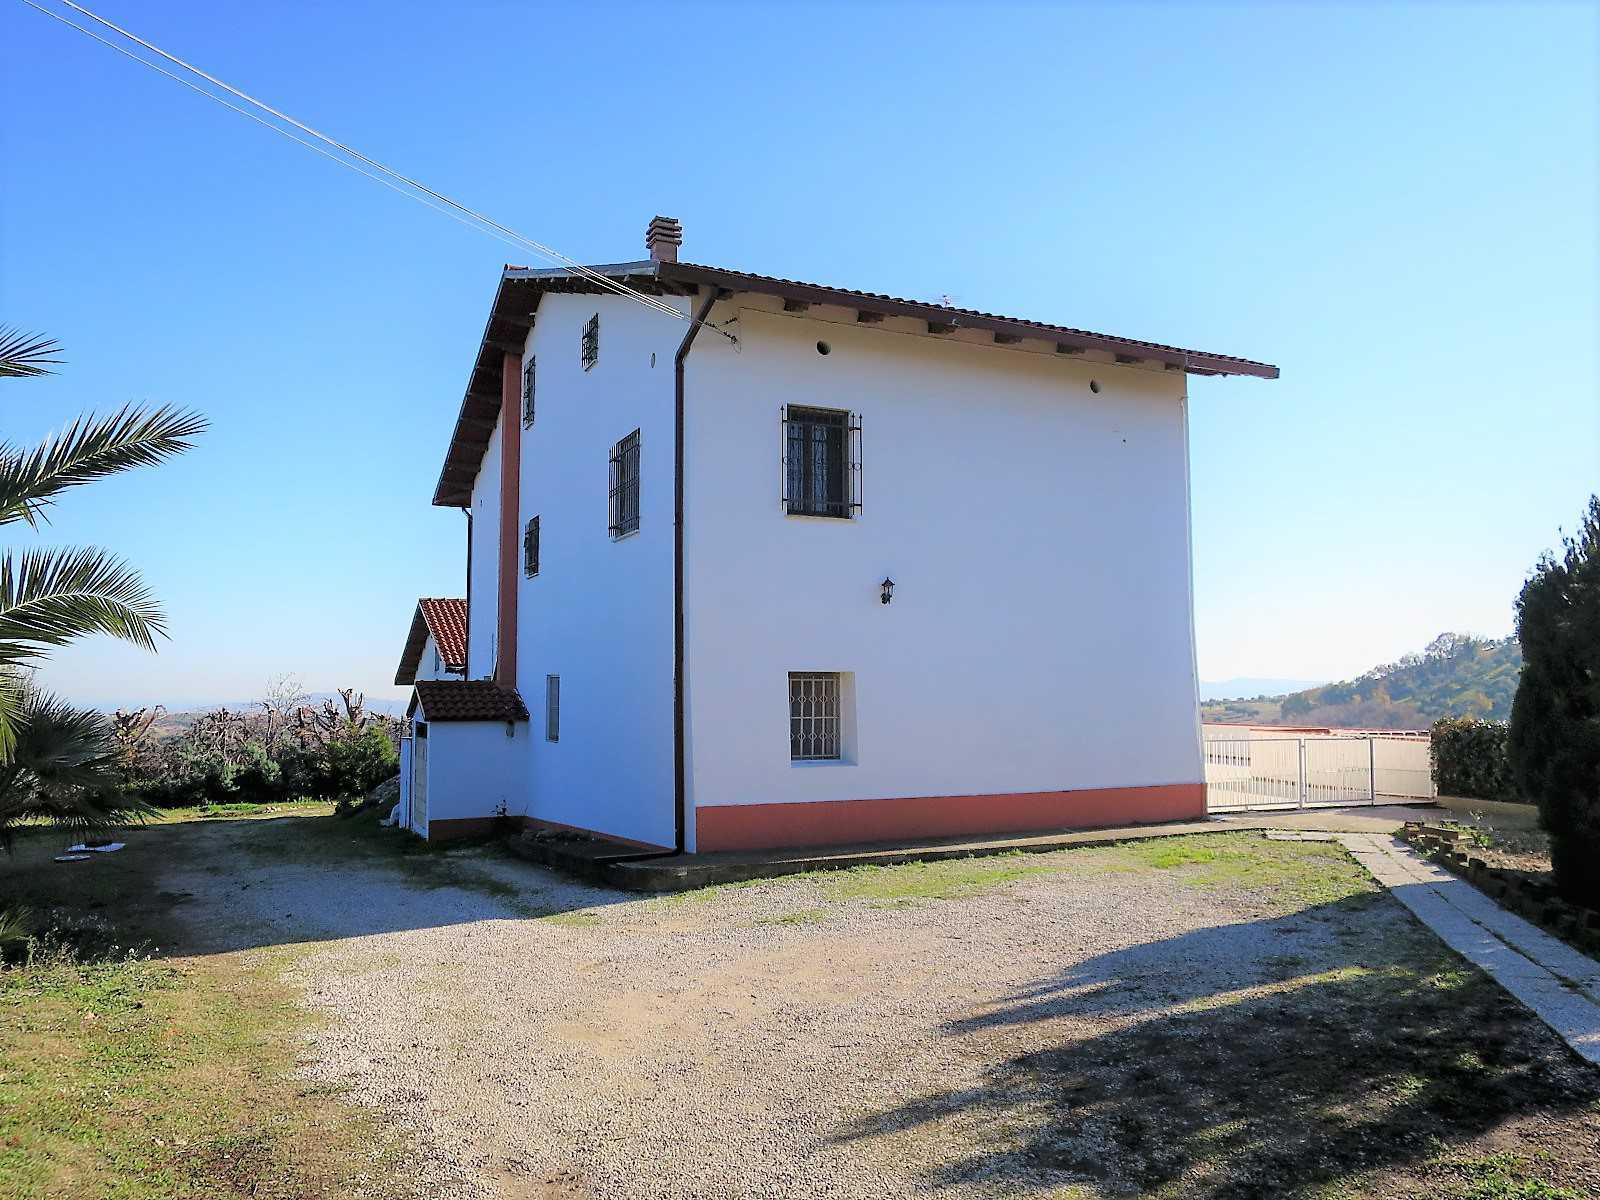 Villa Villa in vendita Notaresco (TE), Villa Vigneto - Notaresco - EUR 382.044 300